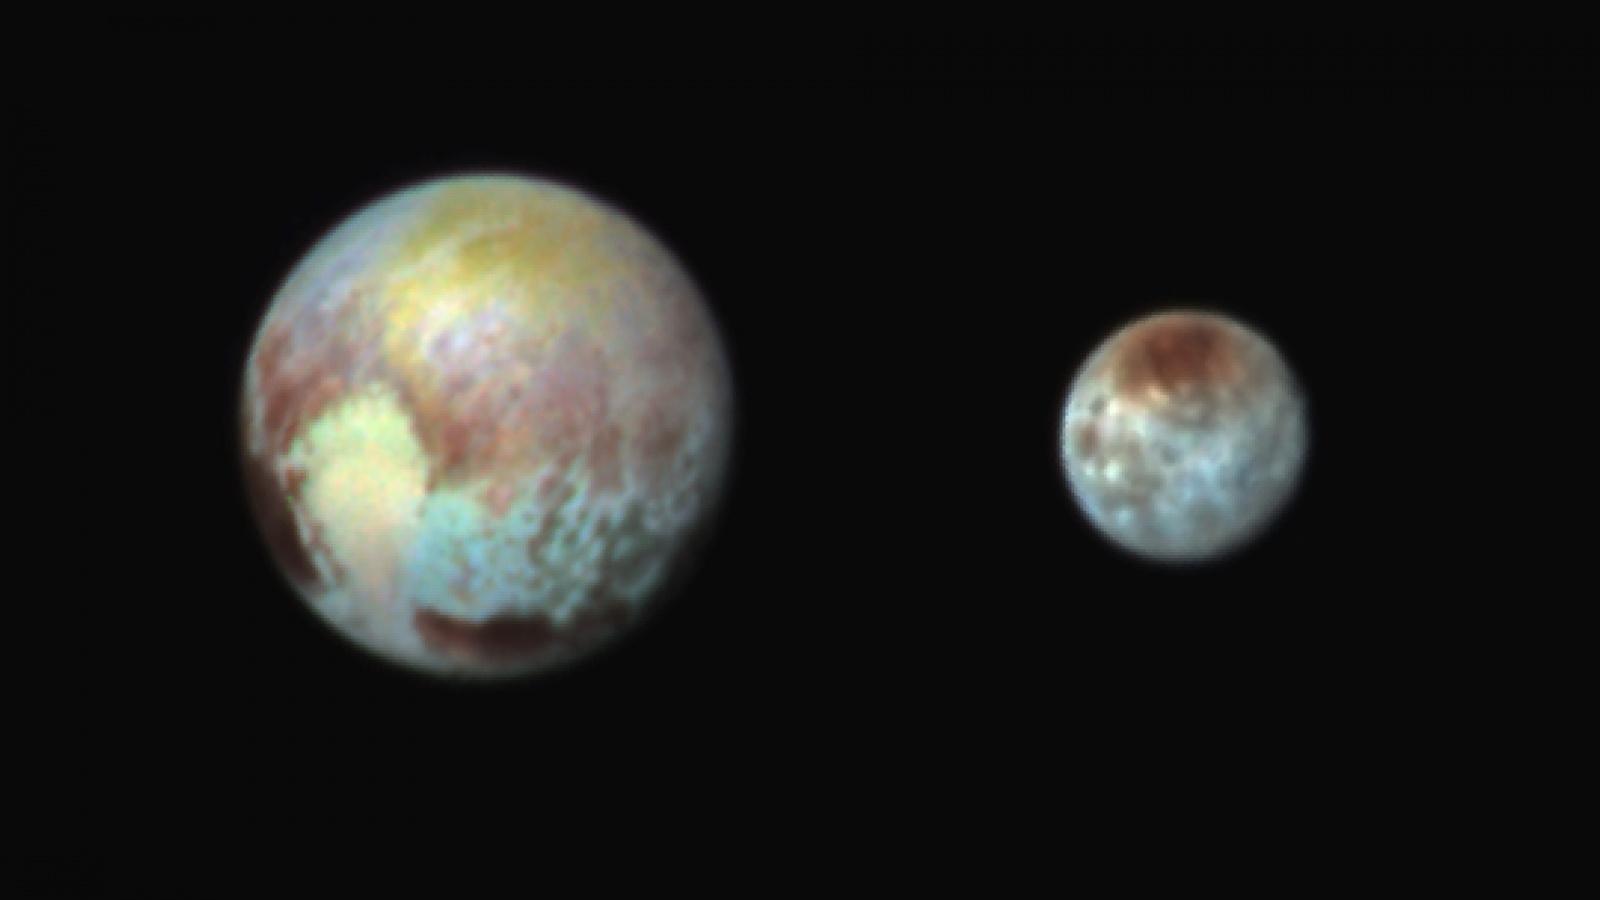 Опубликованы расчёты для теории происхождения пятна Мордор на северном полюсе Харона - 2